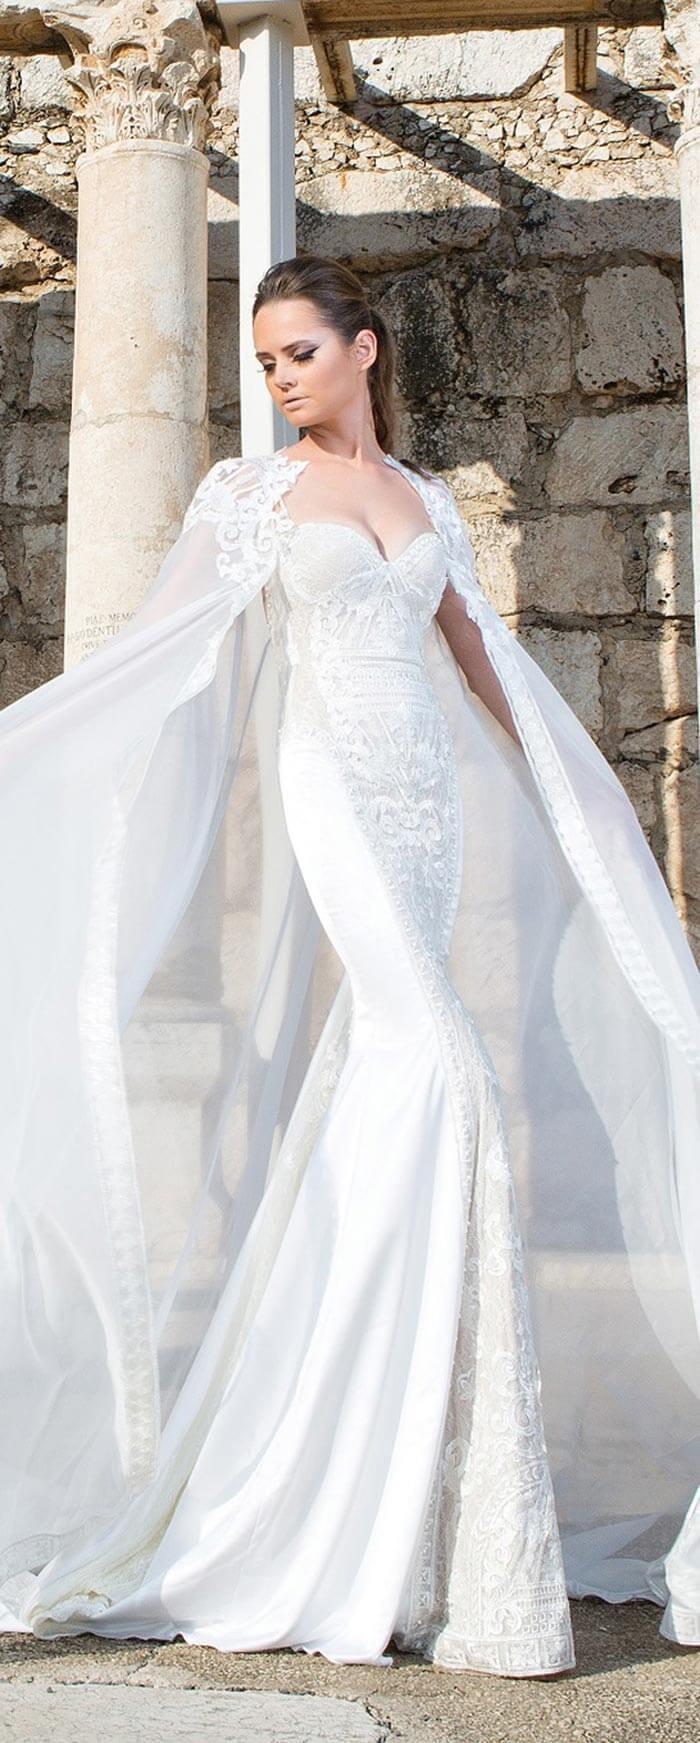 Vestido com capa para casamento